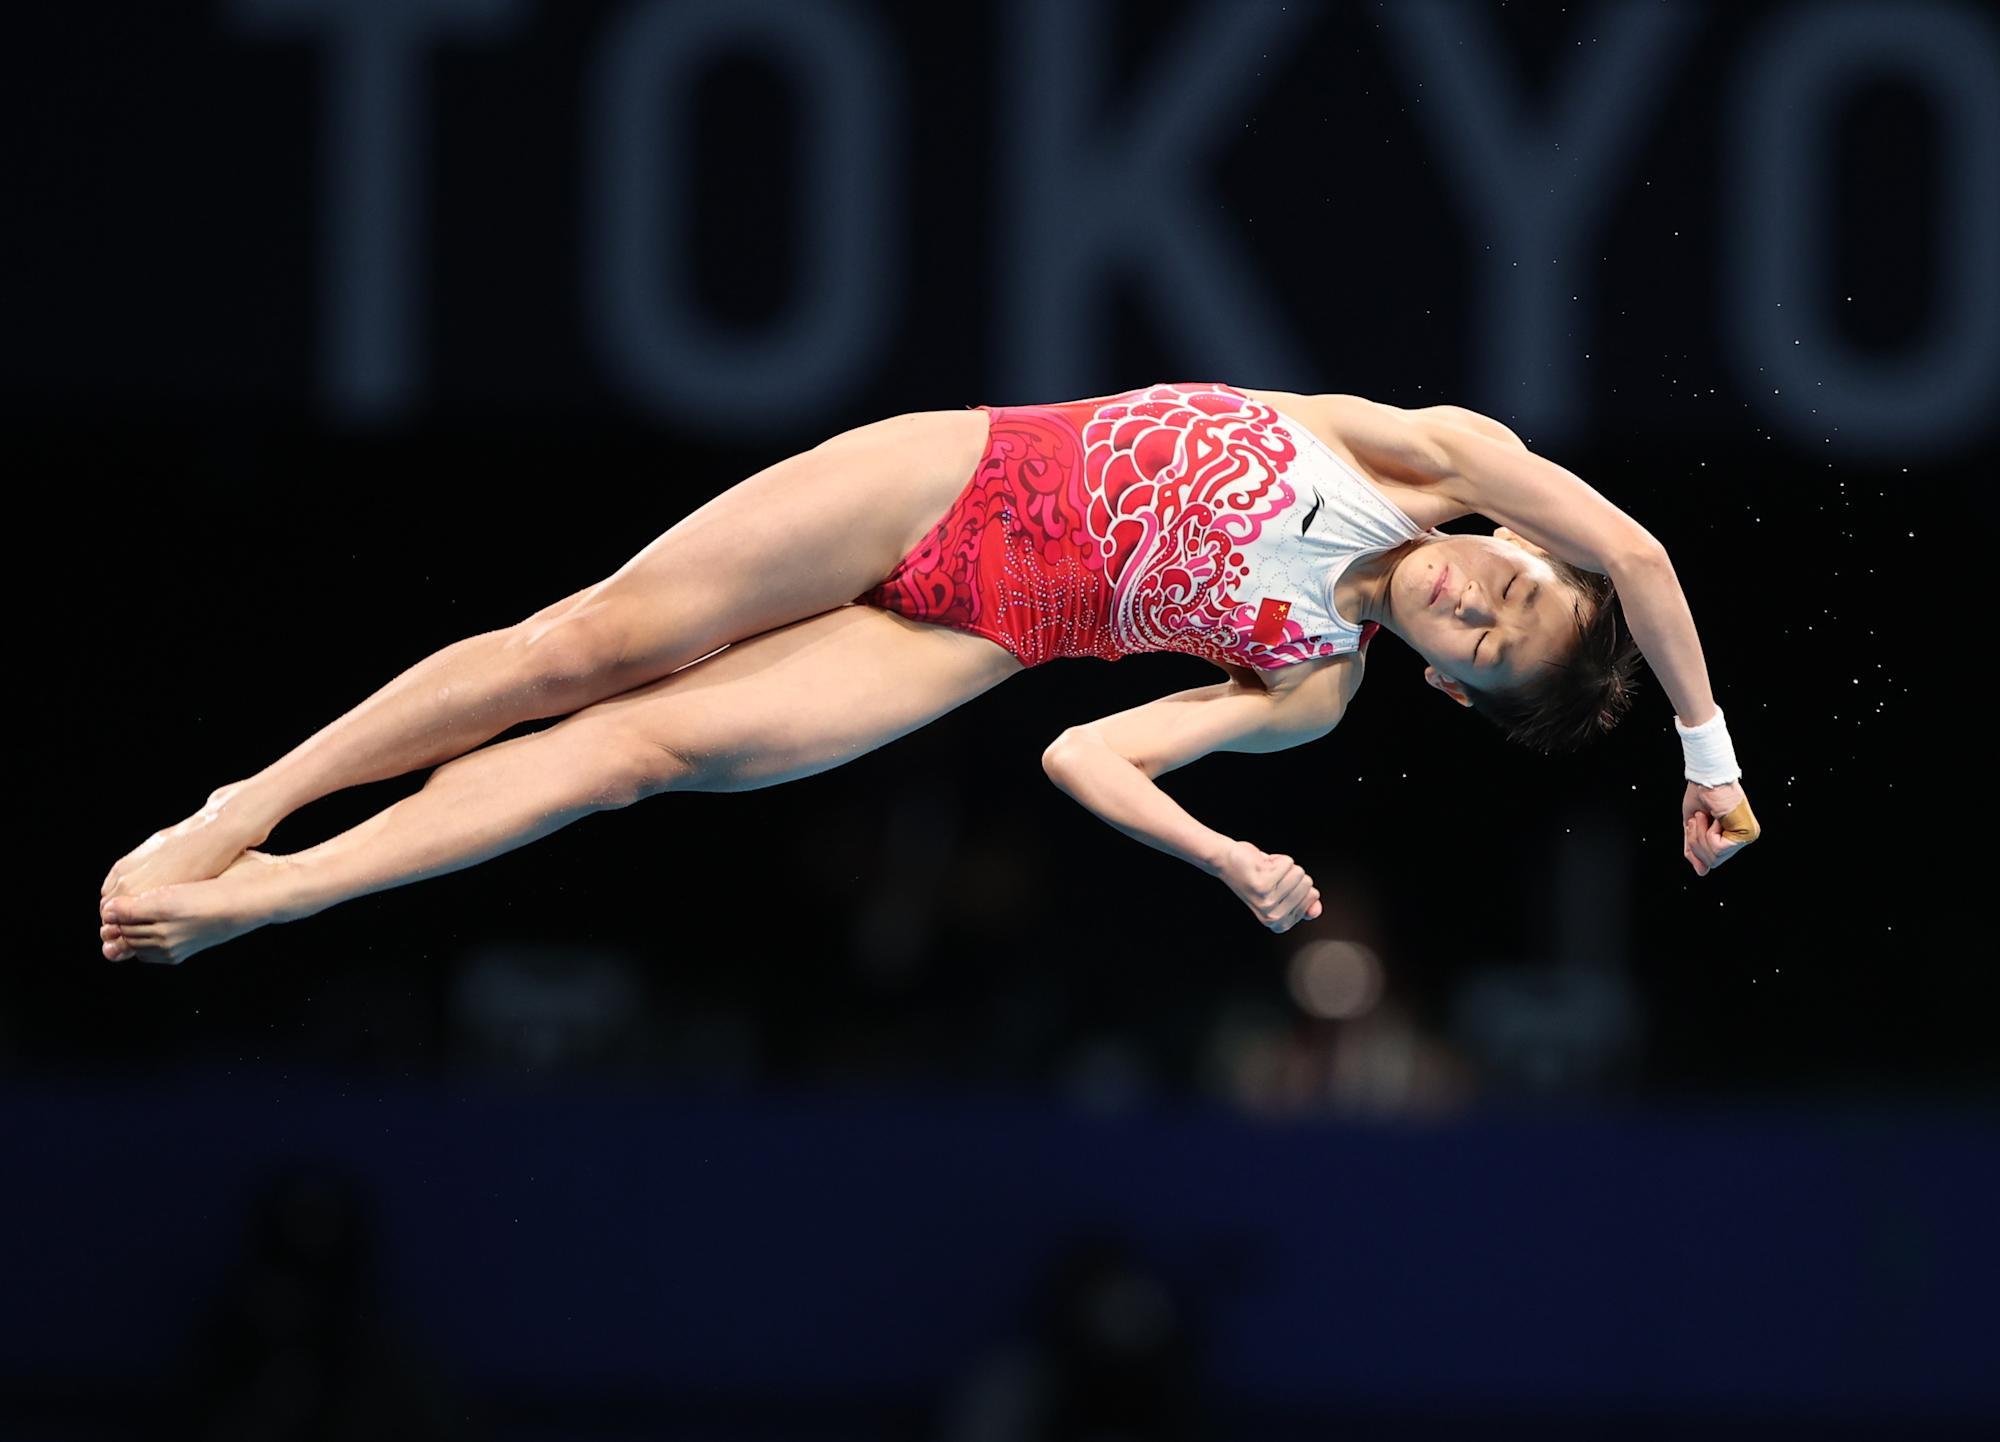 Peraih Medali Emas Olimpiade Ini Tolak Hadiah Miliaran Rupiah